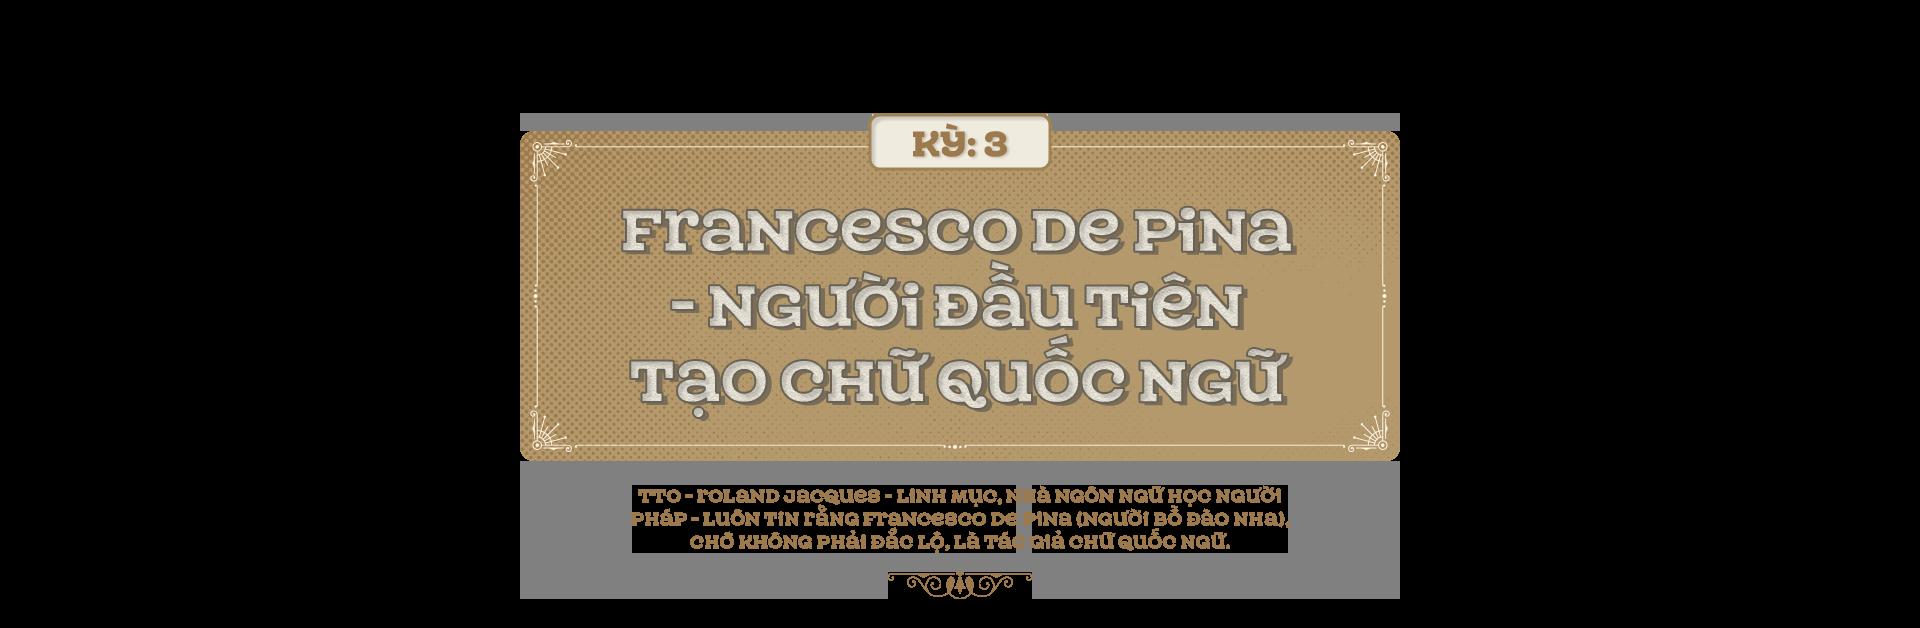 Kỳ 3: Francesco De Pina - người đầu tiên tạo chữ quốc ngữ - Ảnh 1.